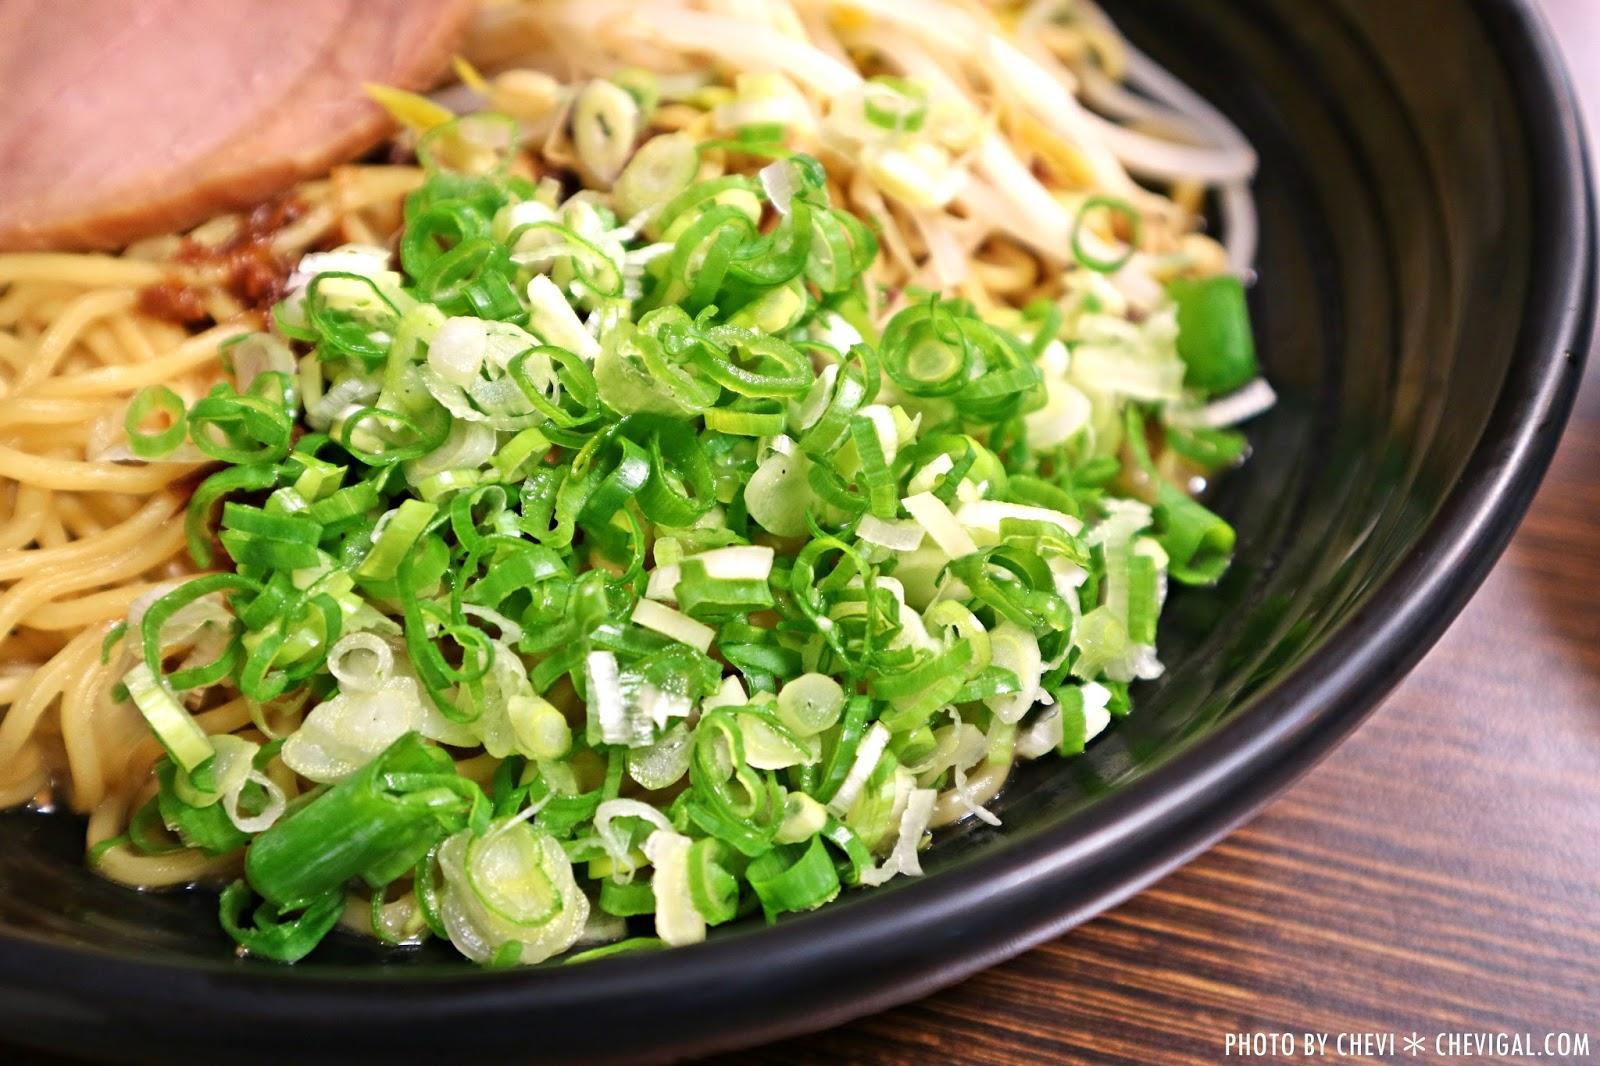 IMG 9597 - 台中烏日│東京屋台拉麵-烏日店。鵝蛋溏心蛋的巨蛋拉麵好特別。平價餐點口味還不錯